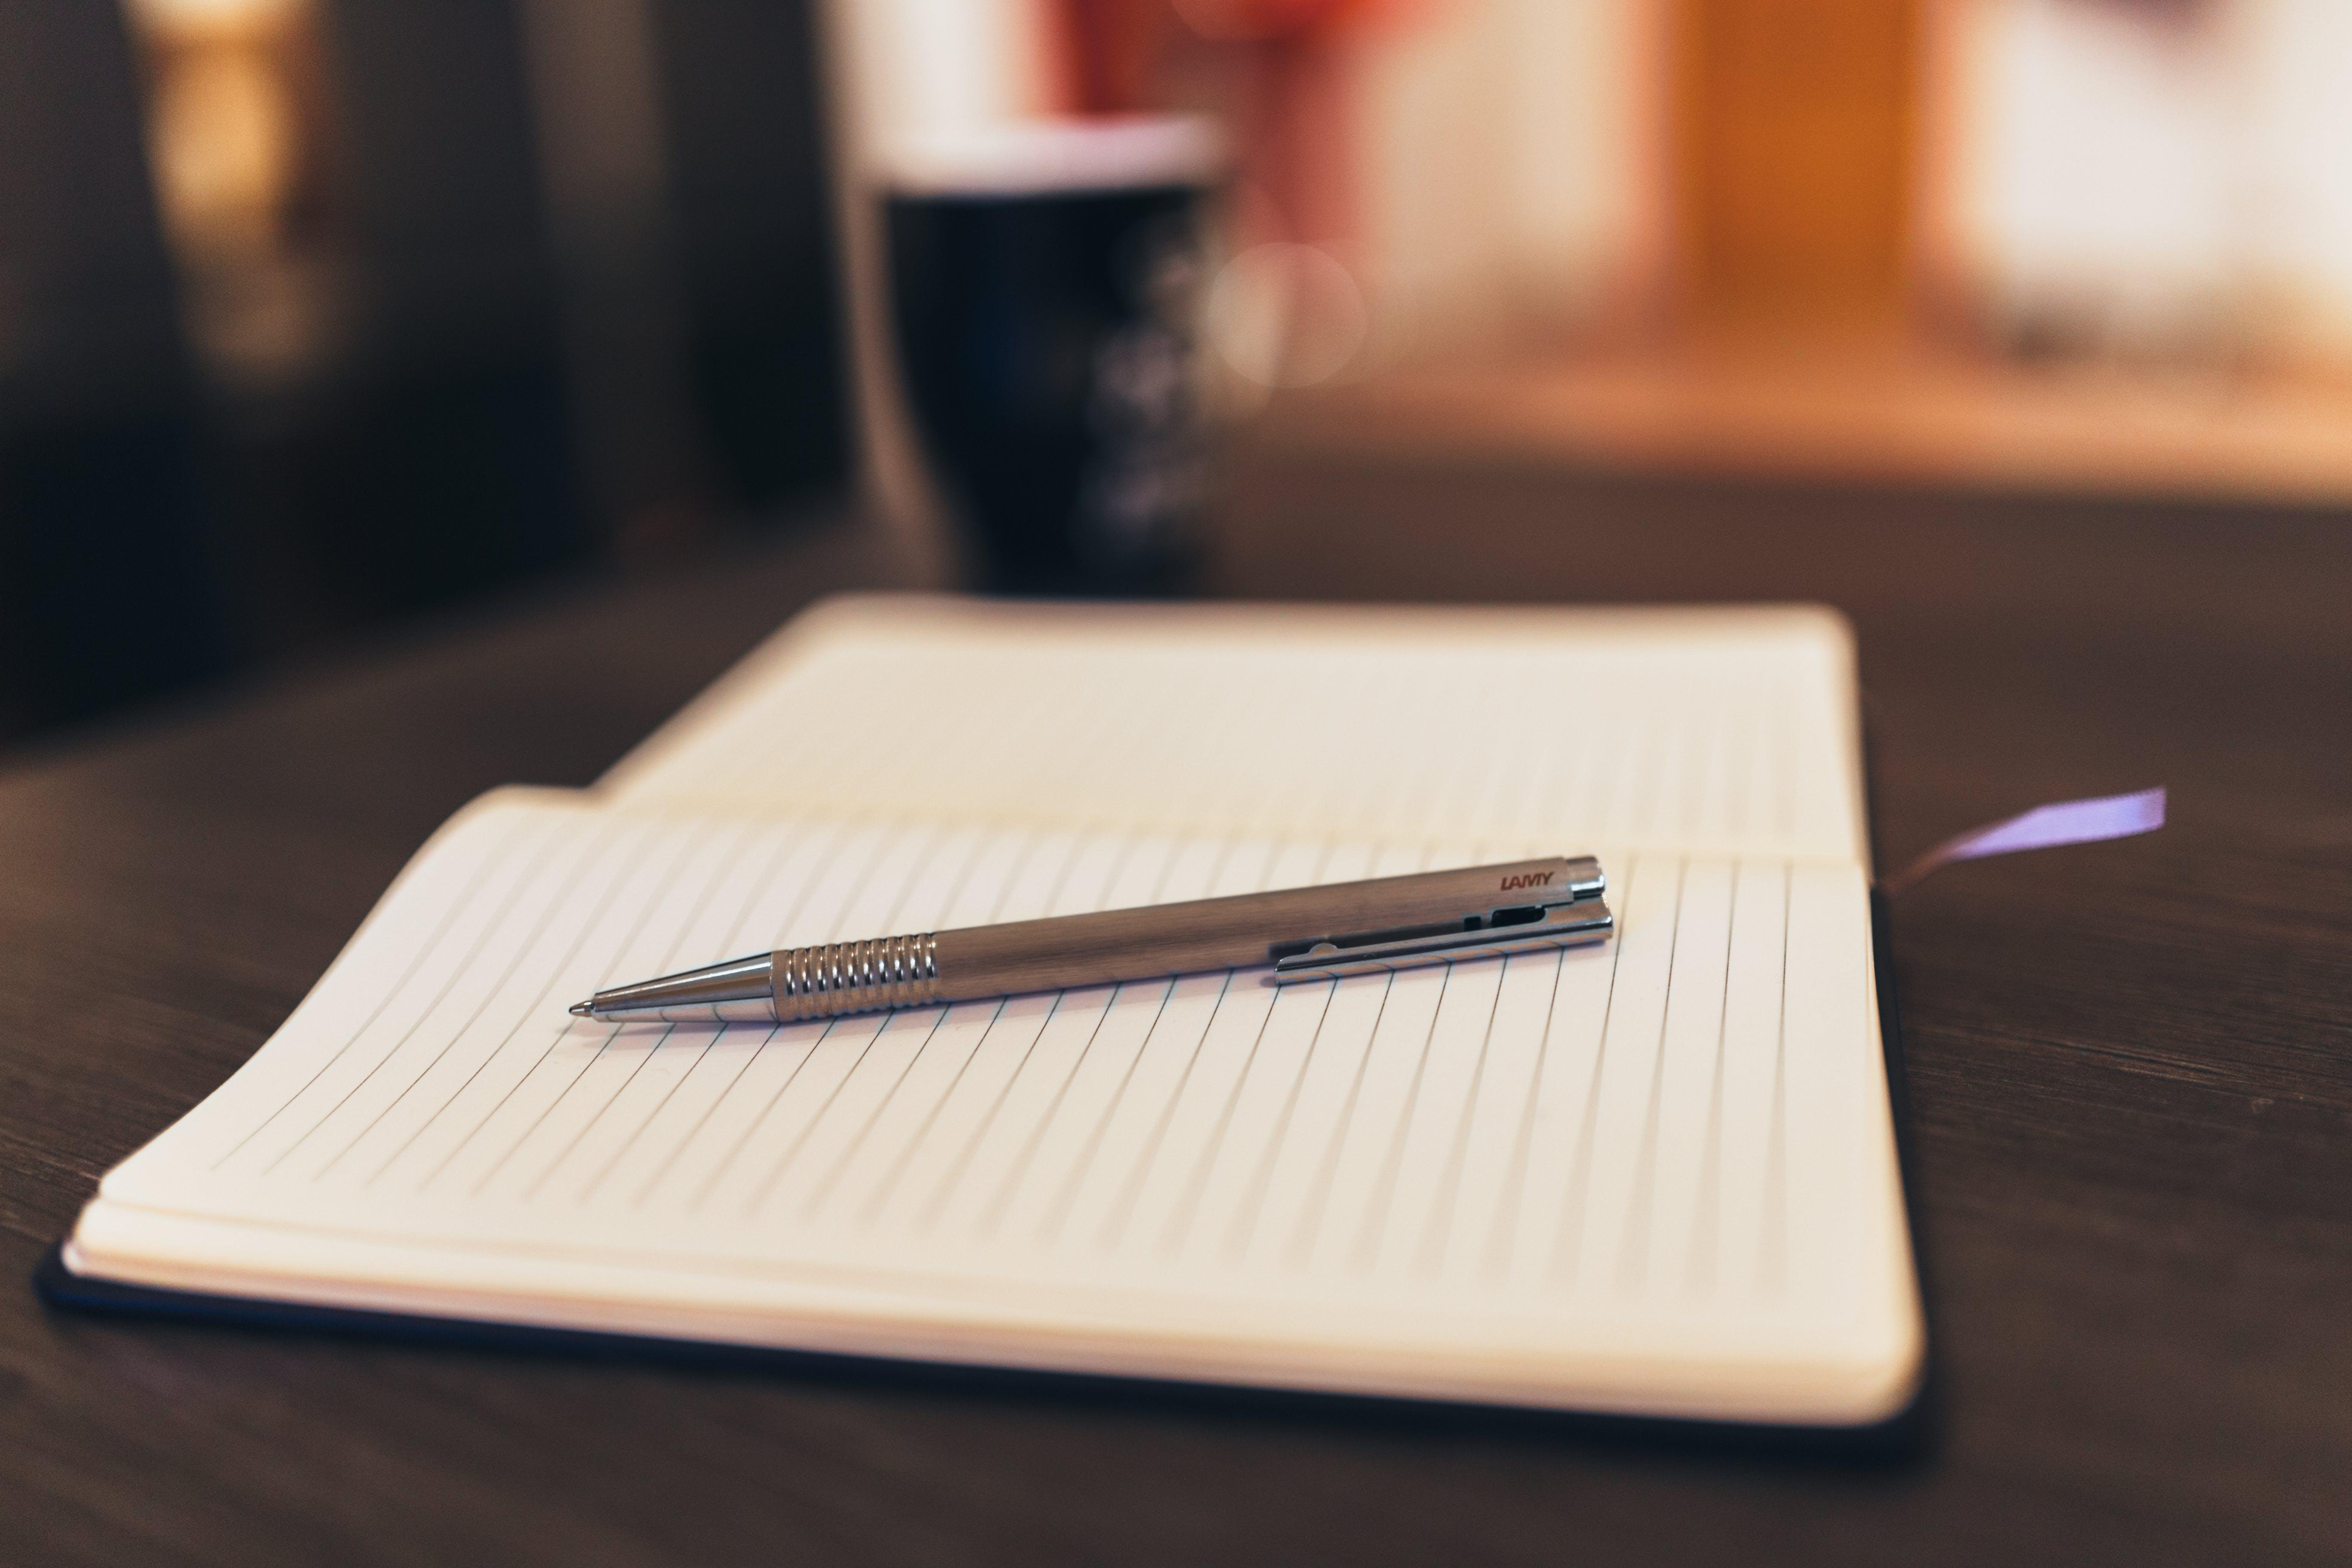 コピーする, コーヒー, ノート, ペンの無料の写真素材